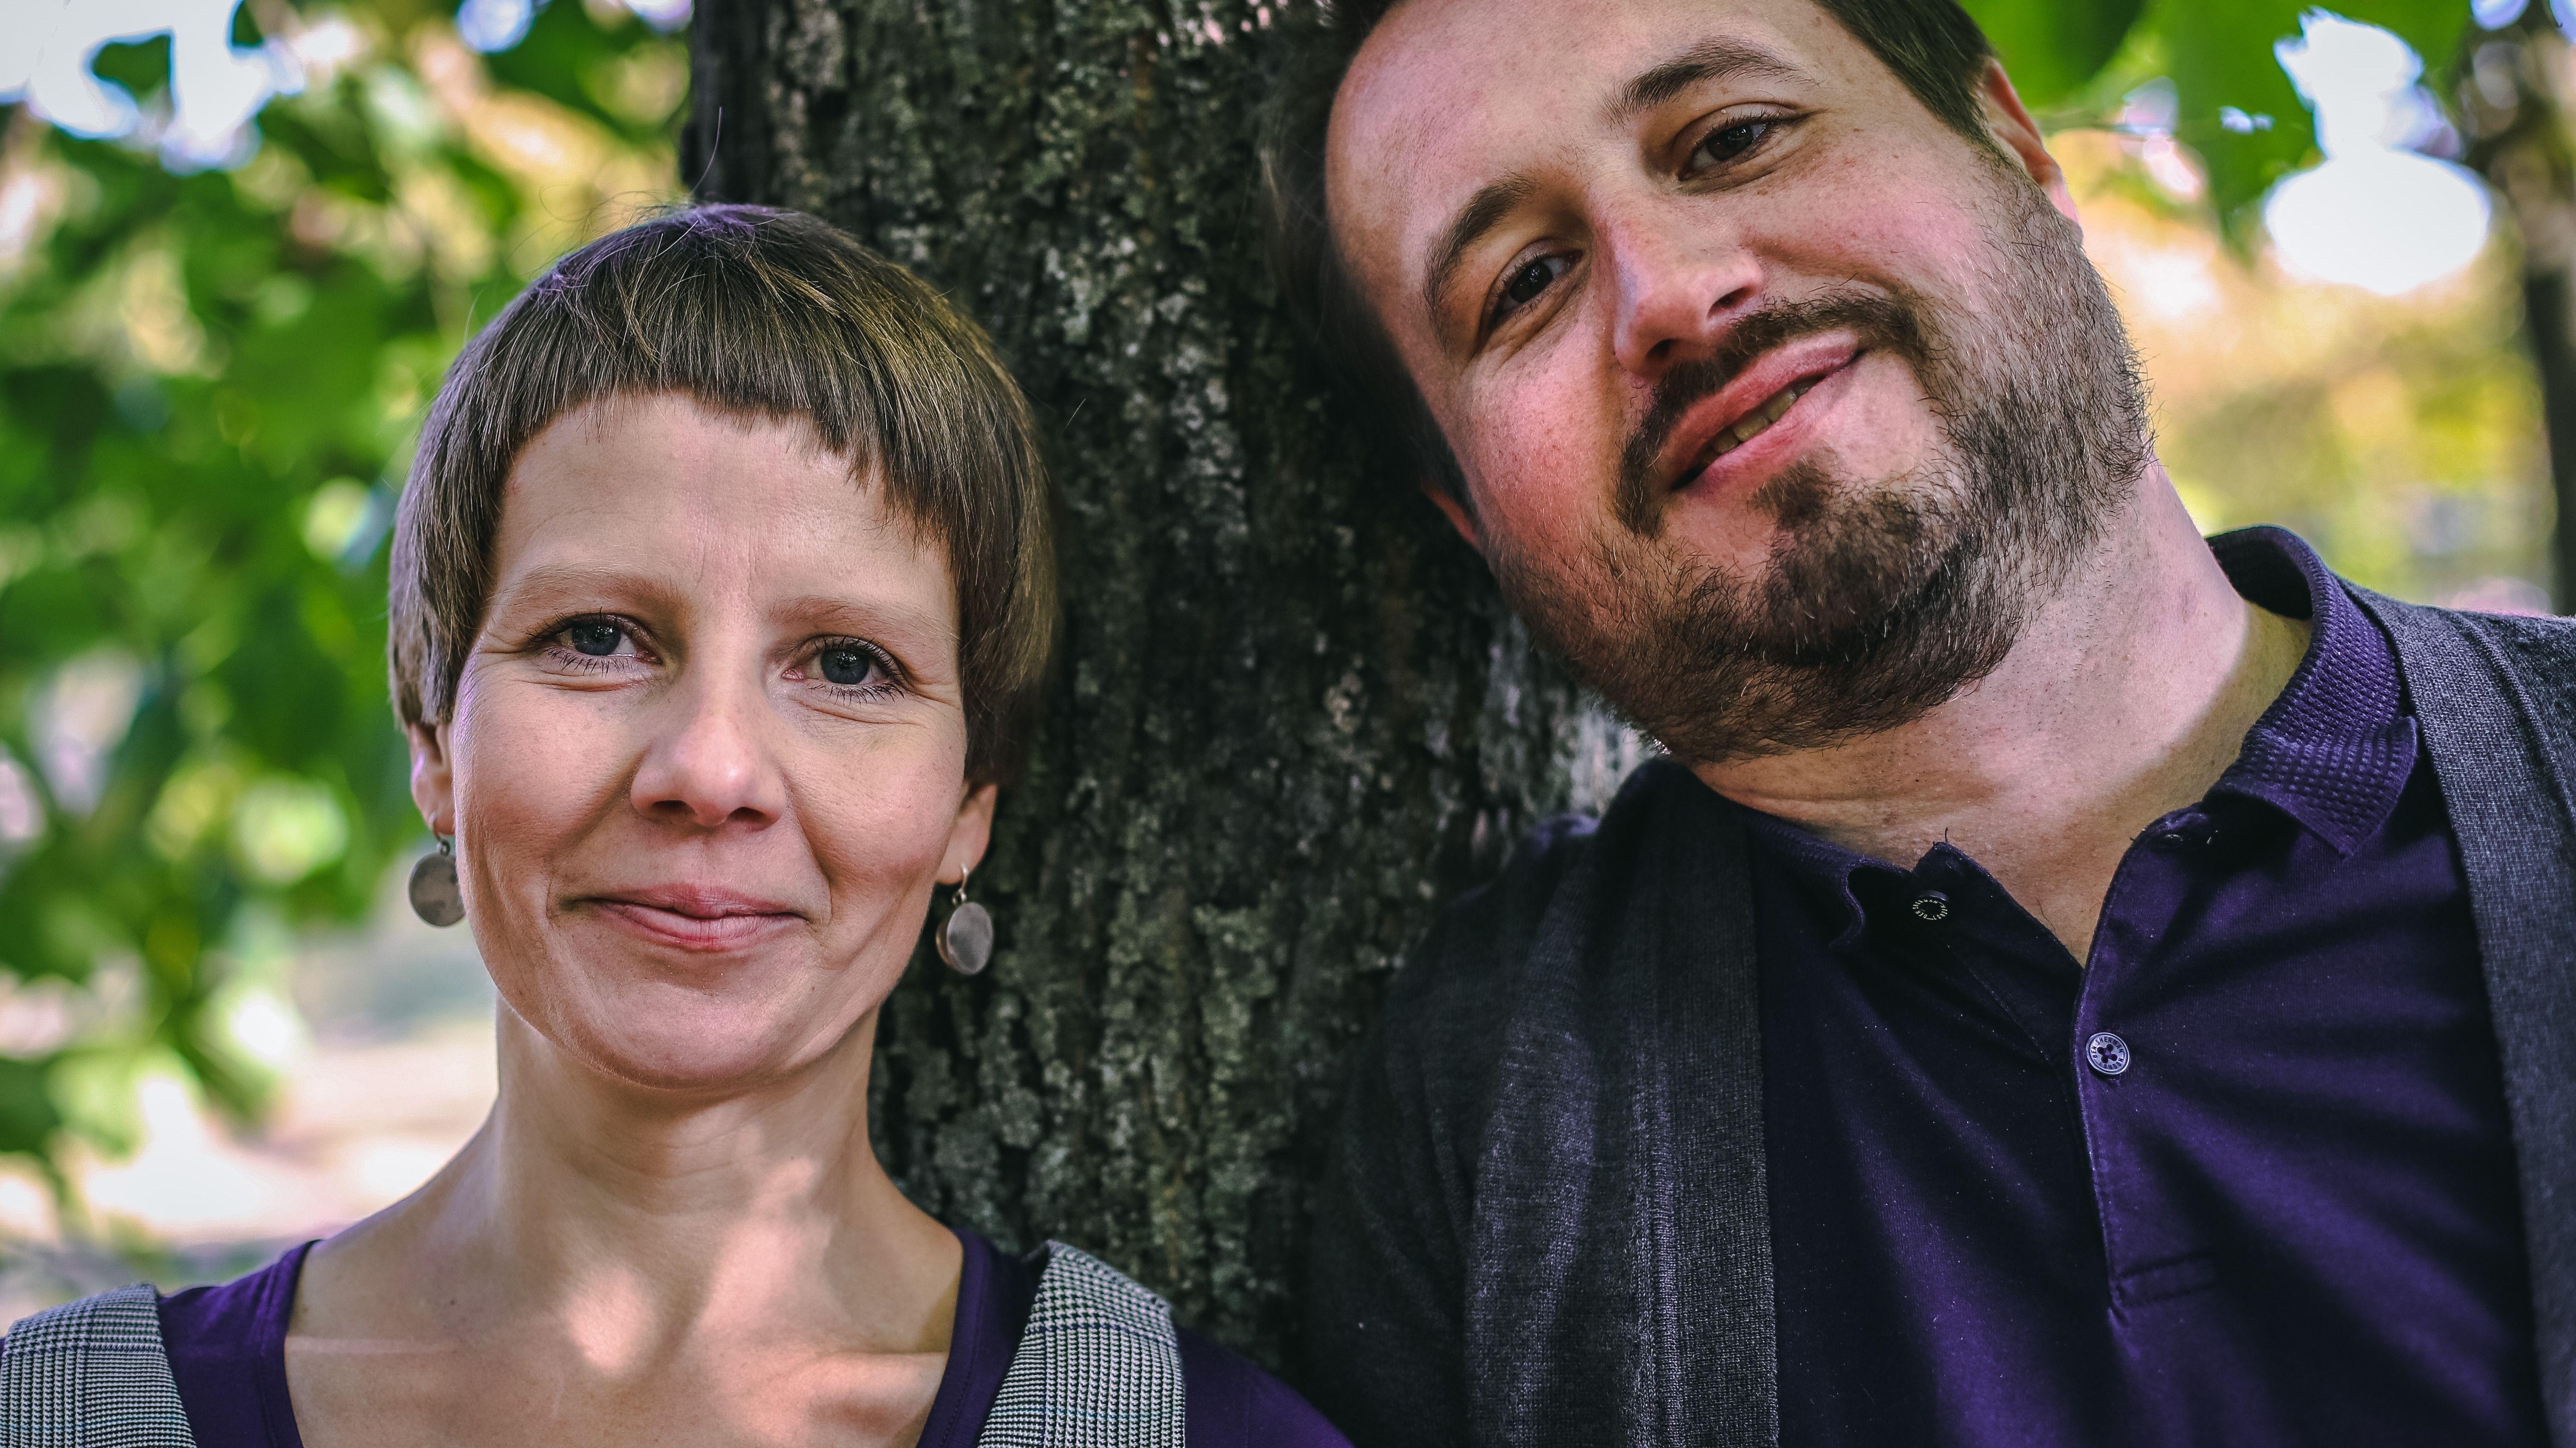 Portraitbild: Die beiden Eltern lehnen an einem Baum